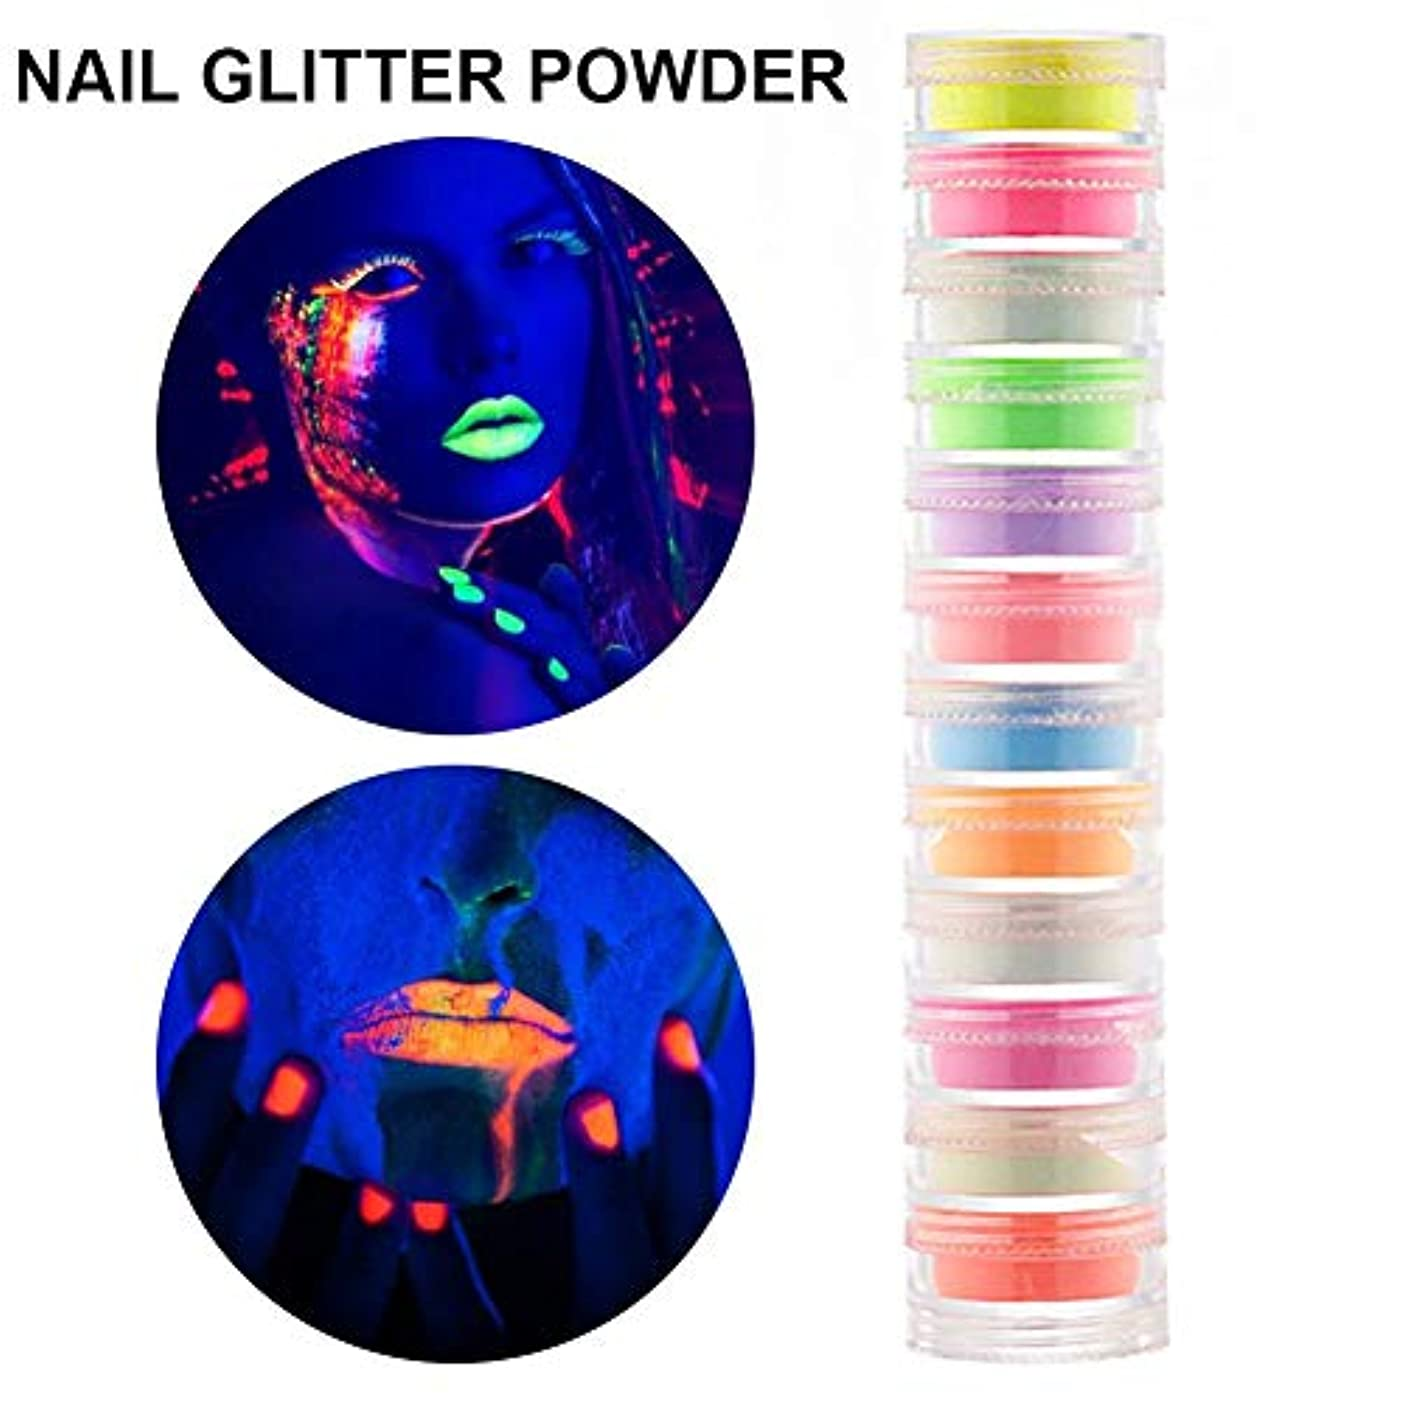 つば断言するキャップネイル蛍光パウダー グリッター ラメ 12本セット ネイルアート 大人気 夜光パウダー ネイルグリッターパウダー 環境にやさしい ハロウィン用